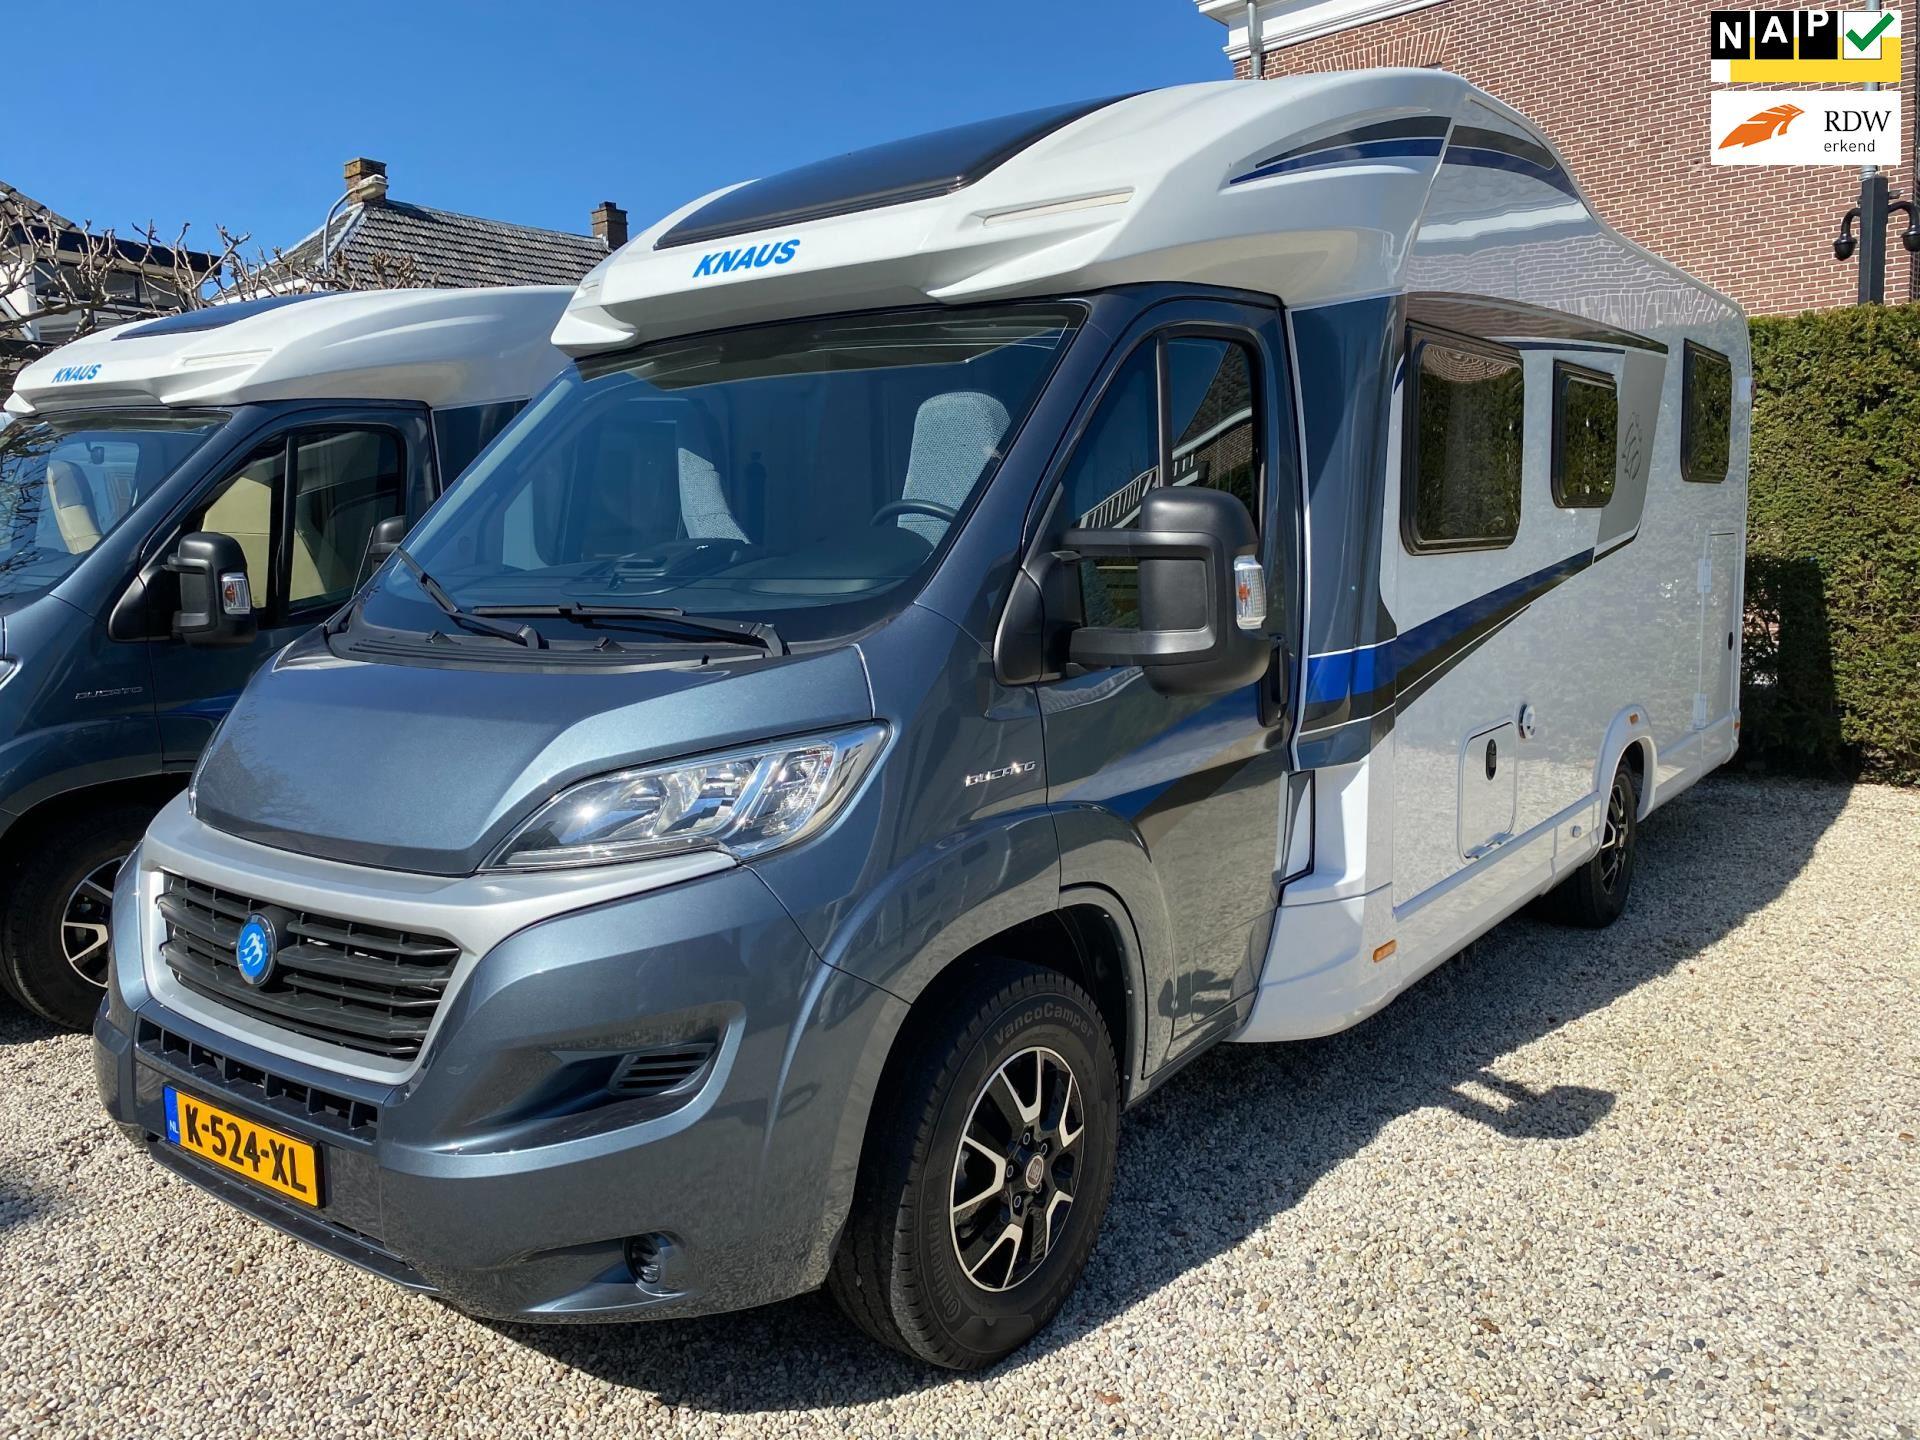 Knaus Sky Wave 700 MEG Lengte-bedden en Hef-bed Garage 2019 occasion - Campers Kerkdriel